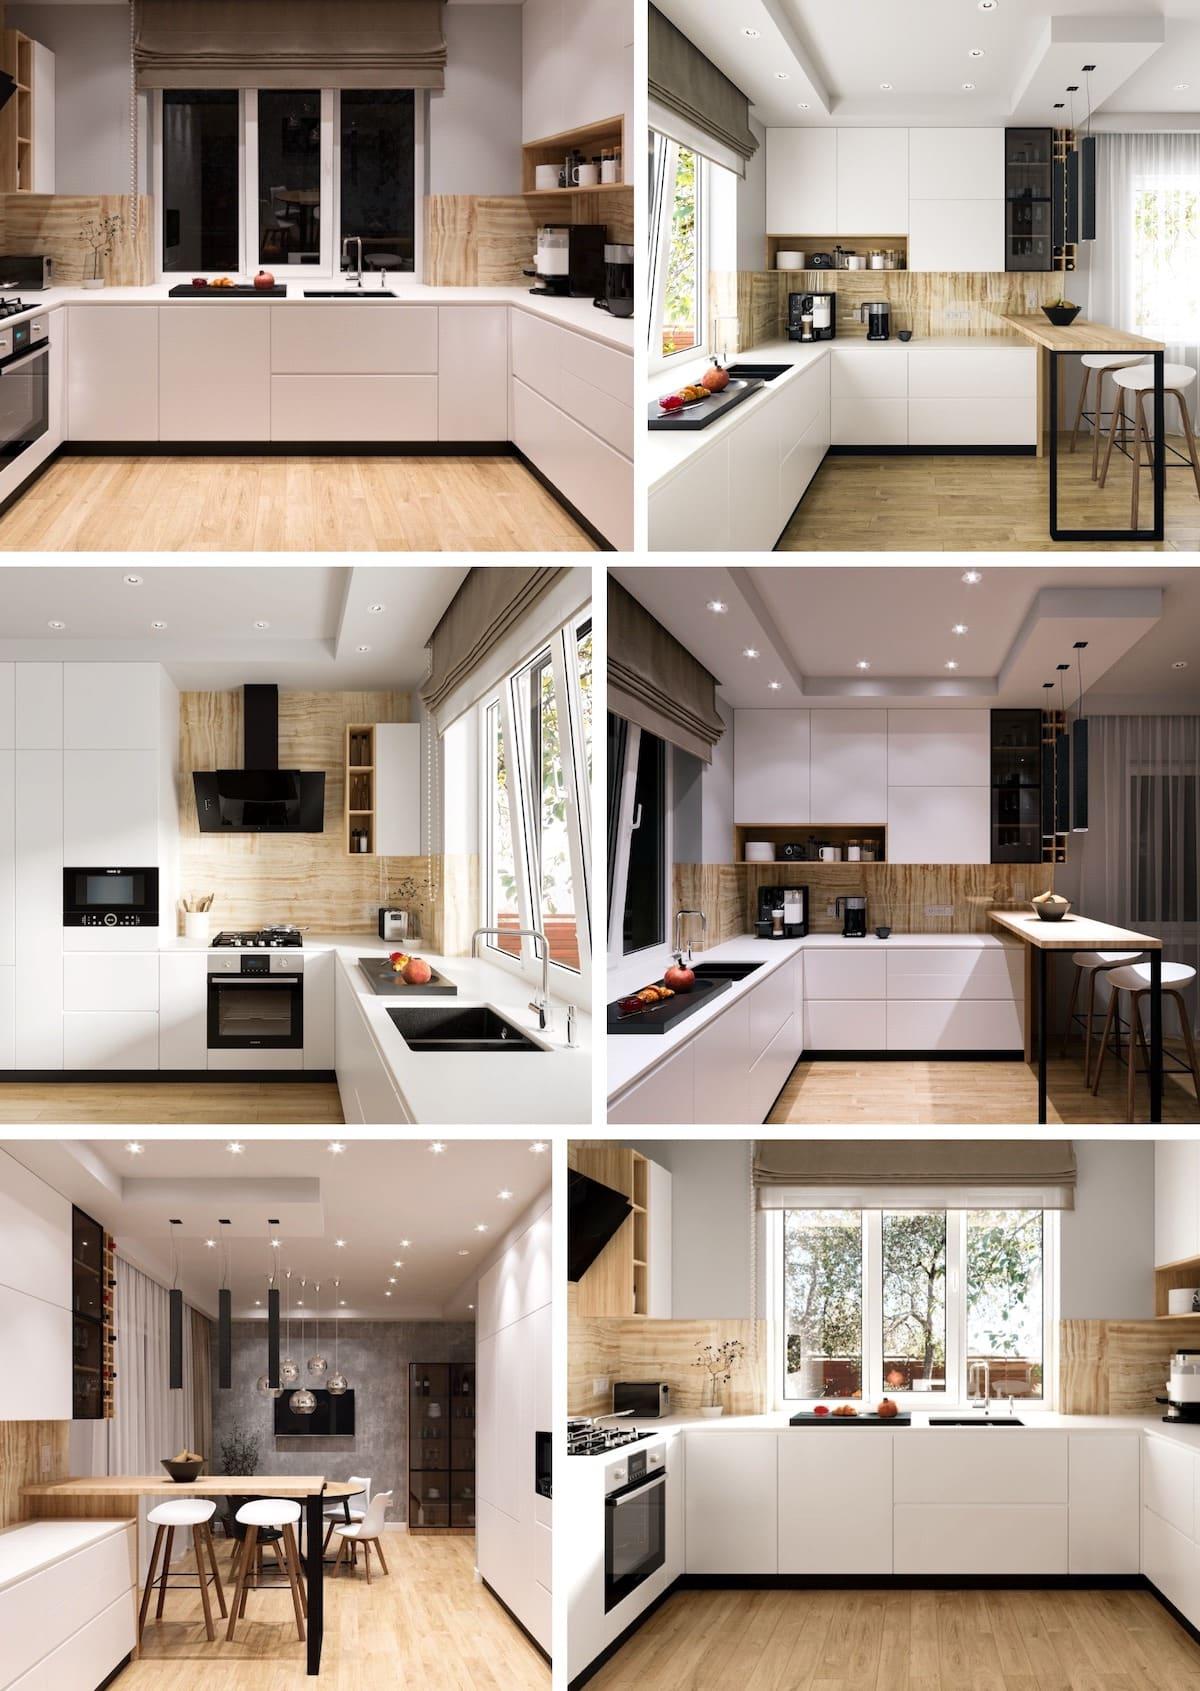 Хорошим дополнением в обустройстве белоснежной кухни станут: оригинальный текстиль, изящная посуда, лампы и бра, соответствующей тематики